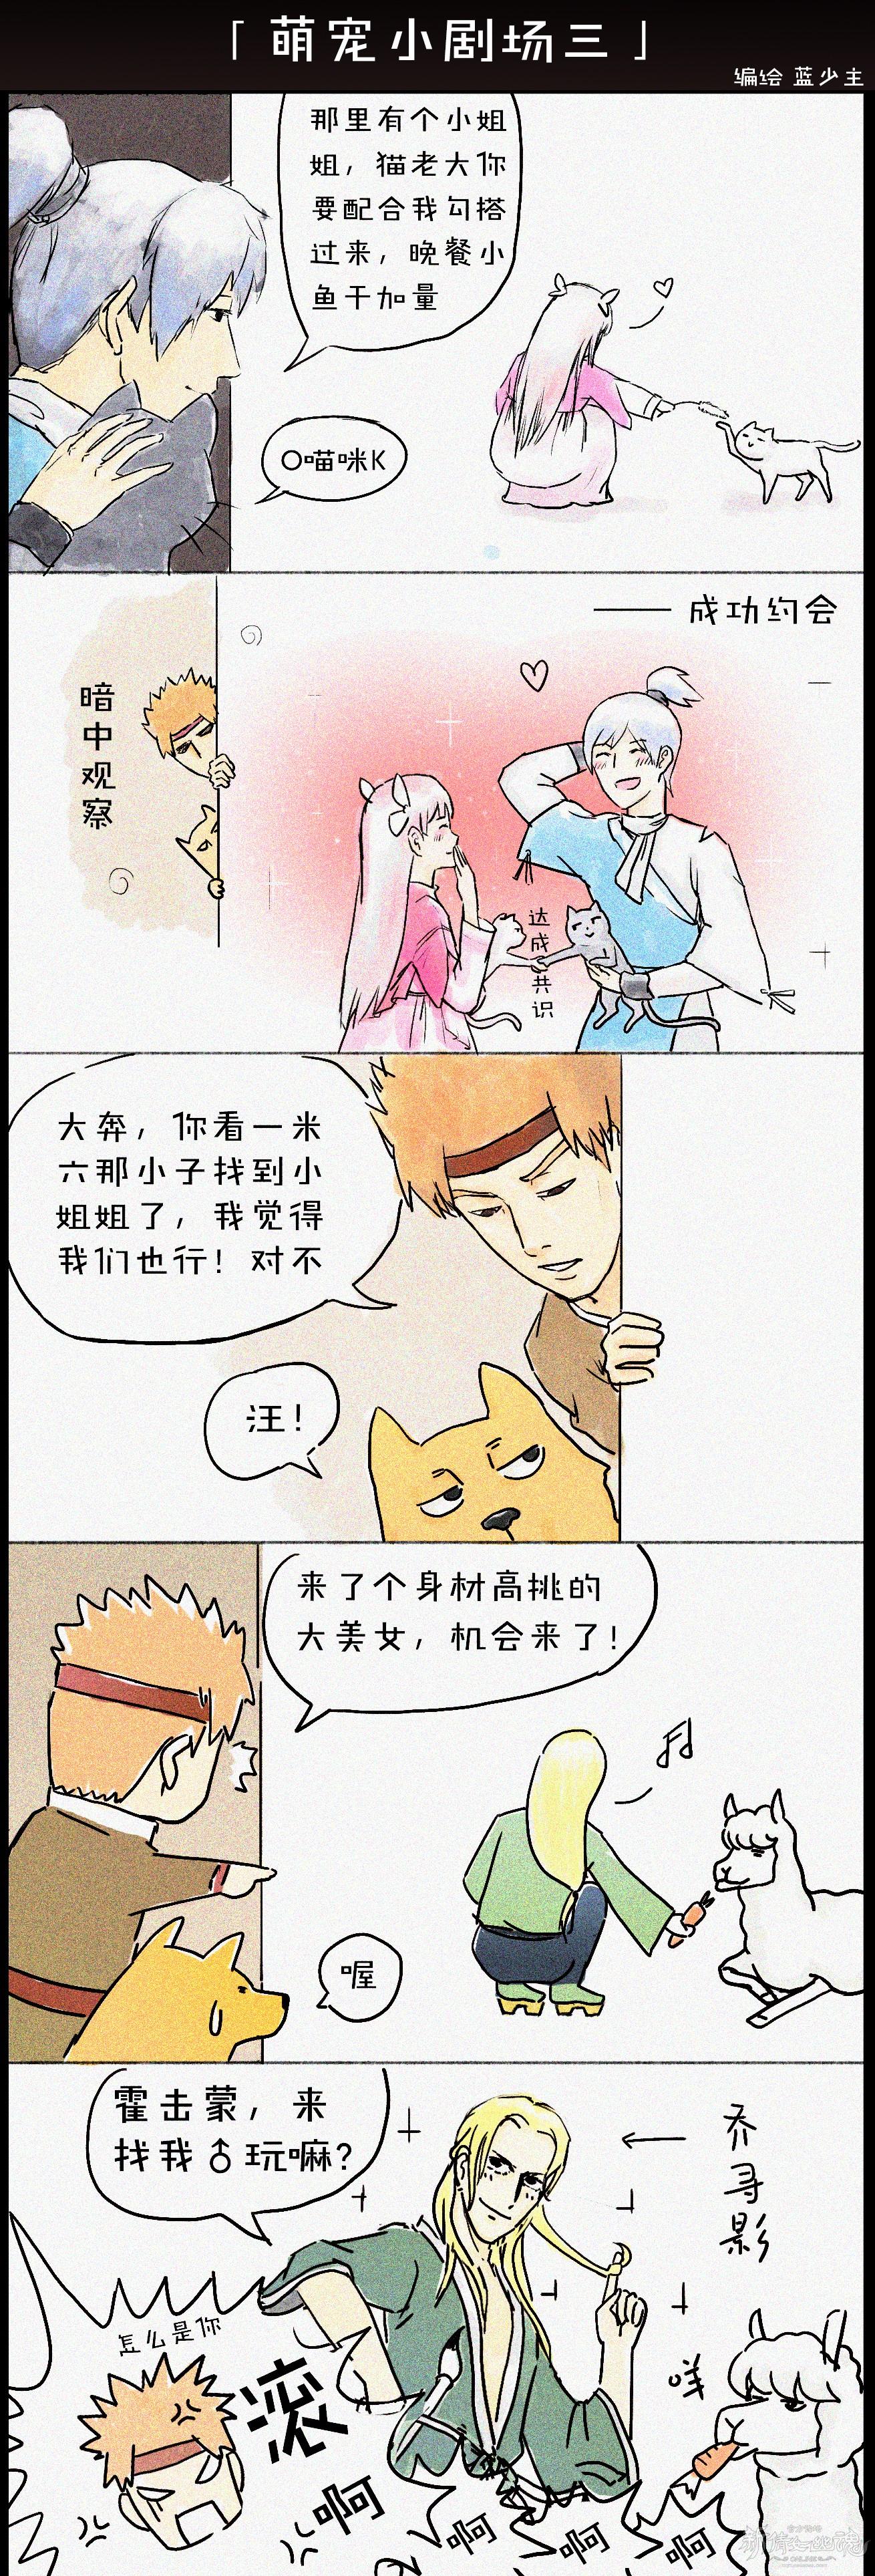 【名人堂】【试用】《萌宠小剧场三》